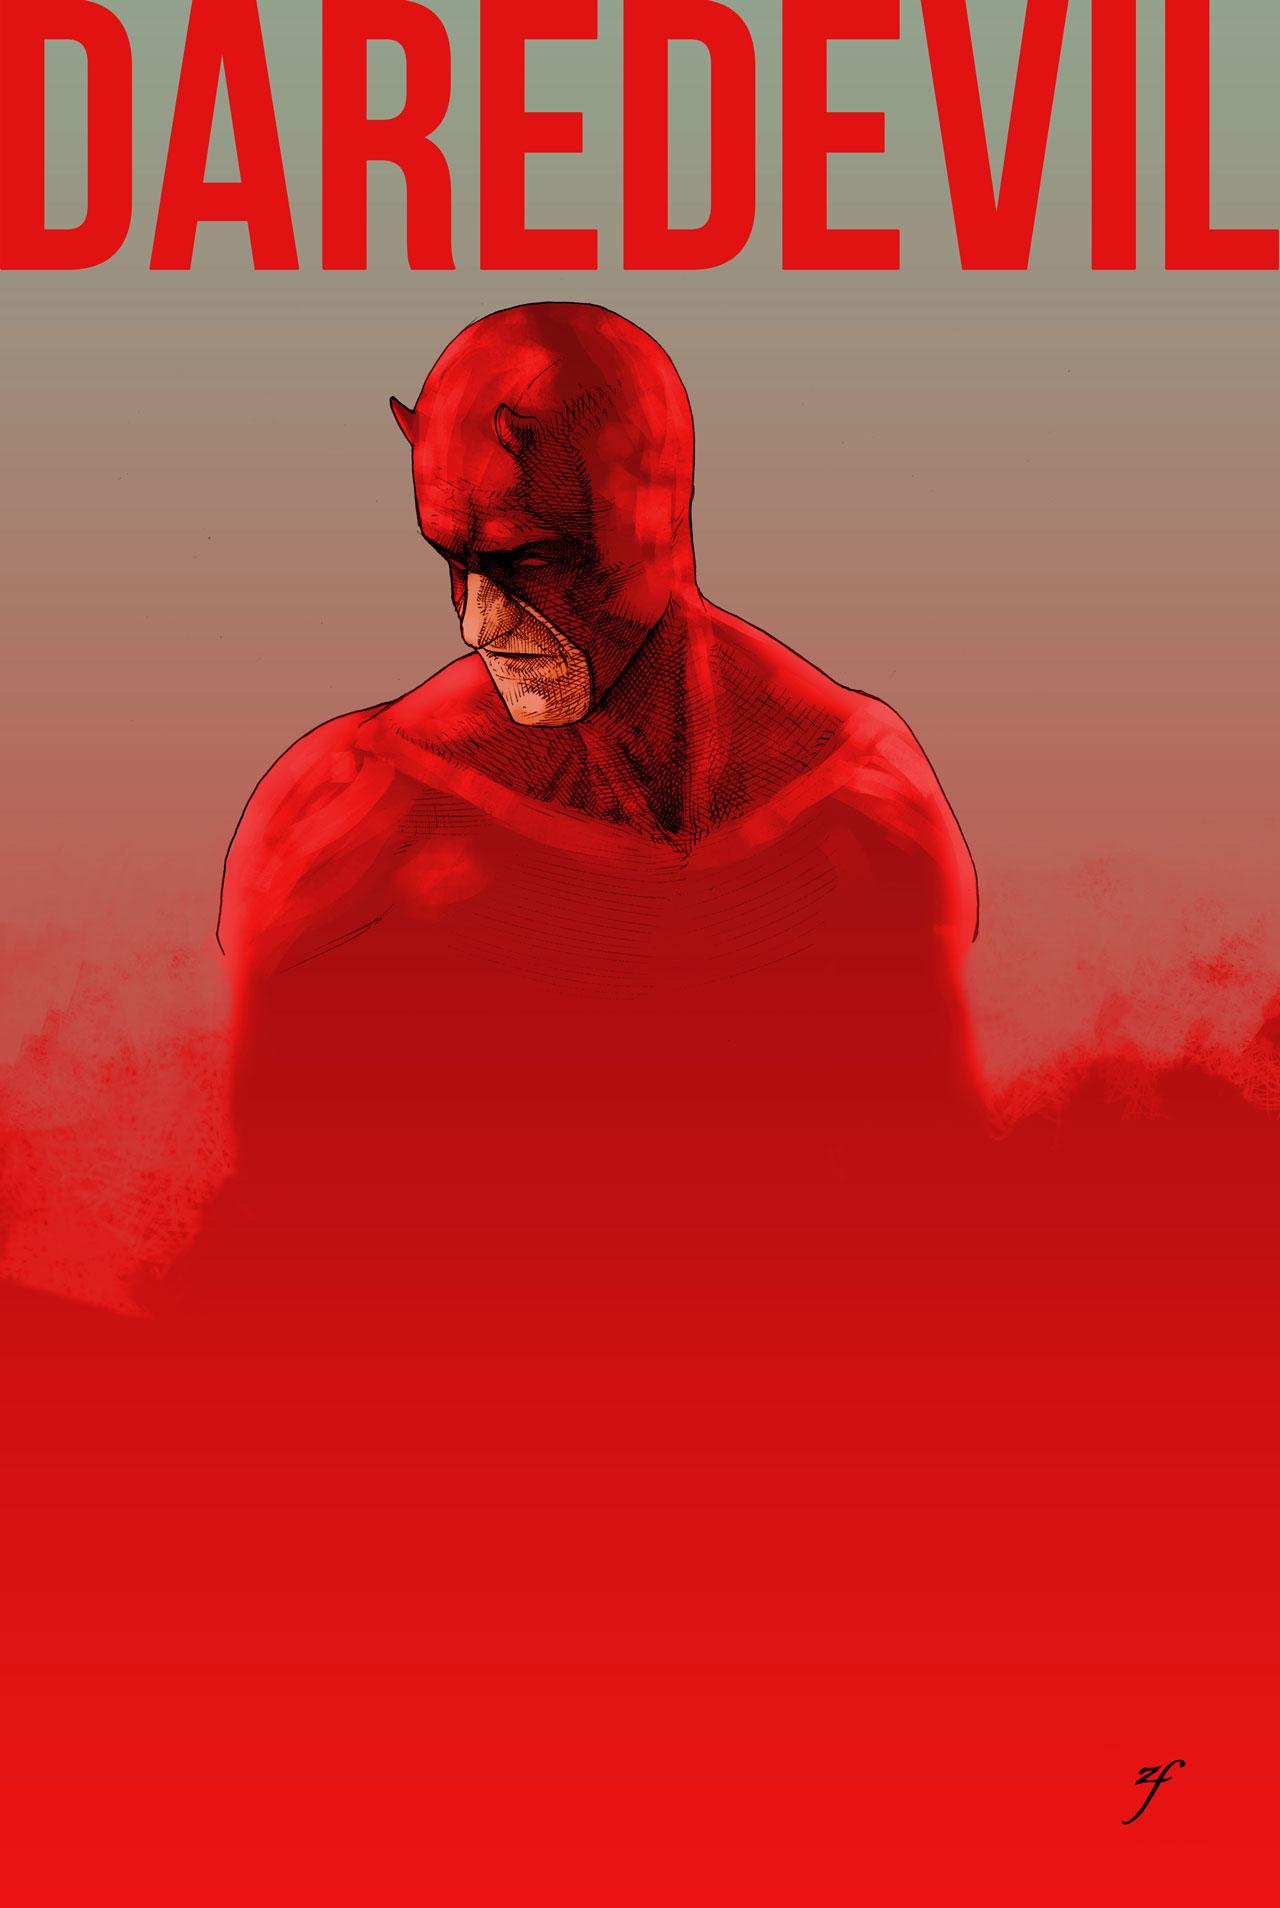 zursoif comics (pin ups & submissions) Daredevil_by_zursoif-d6m3m19